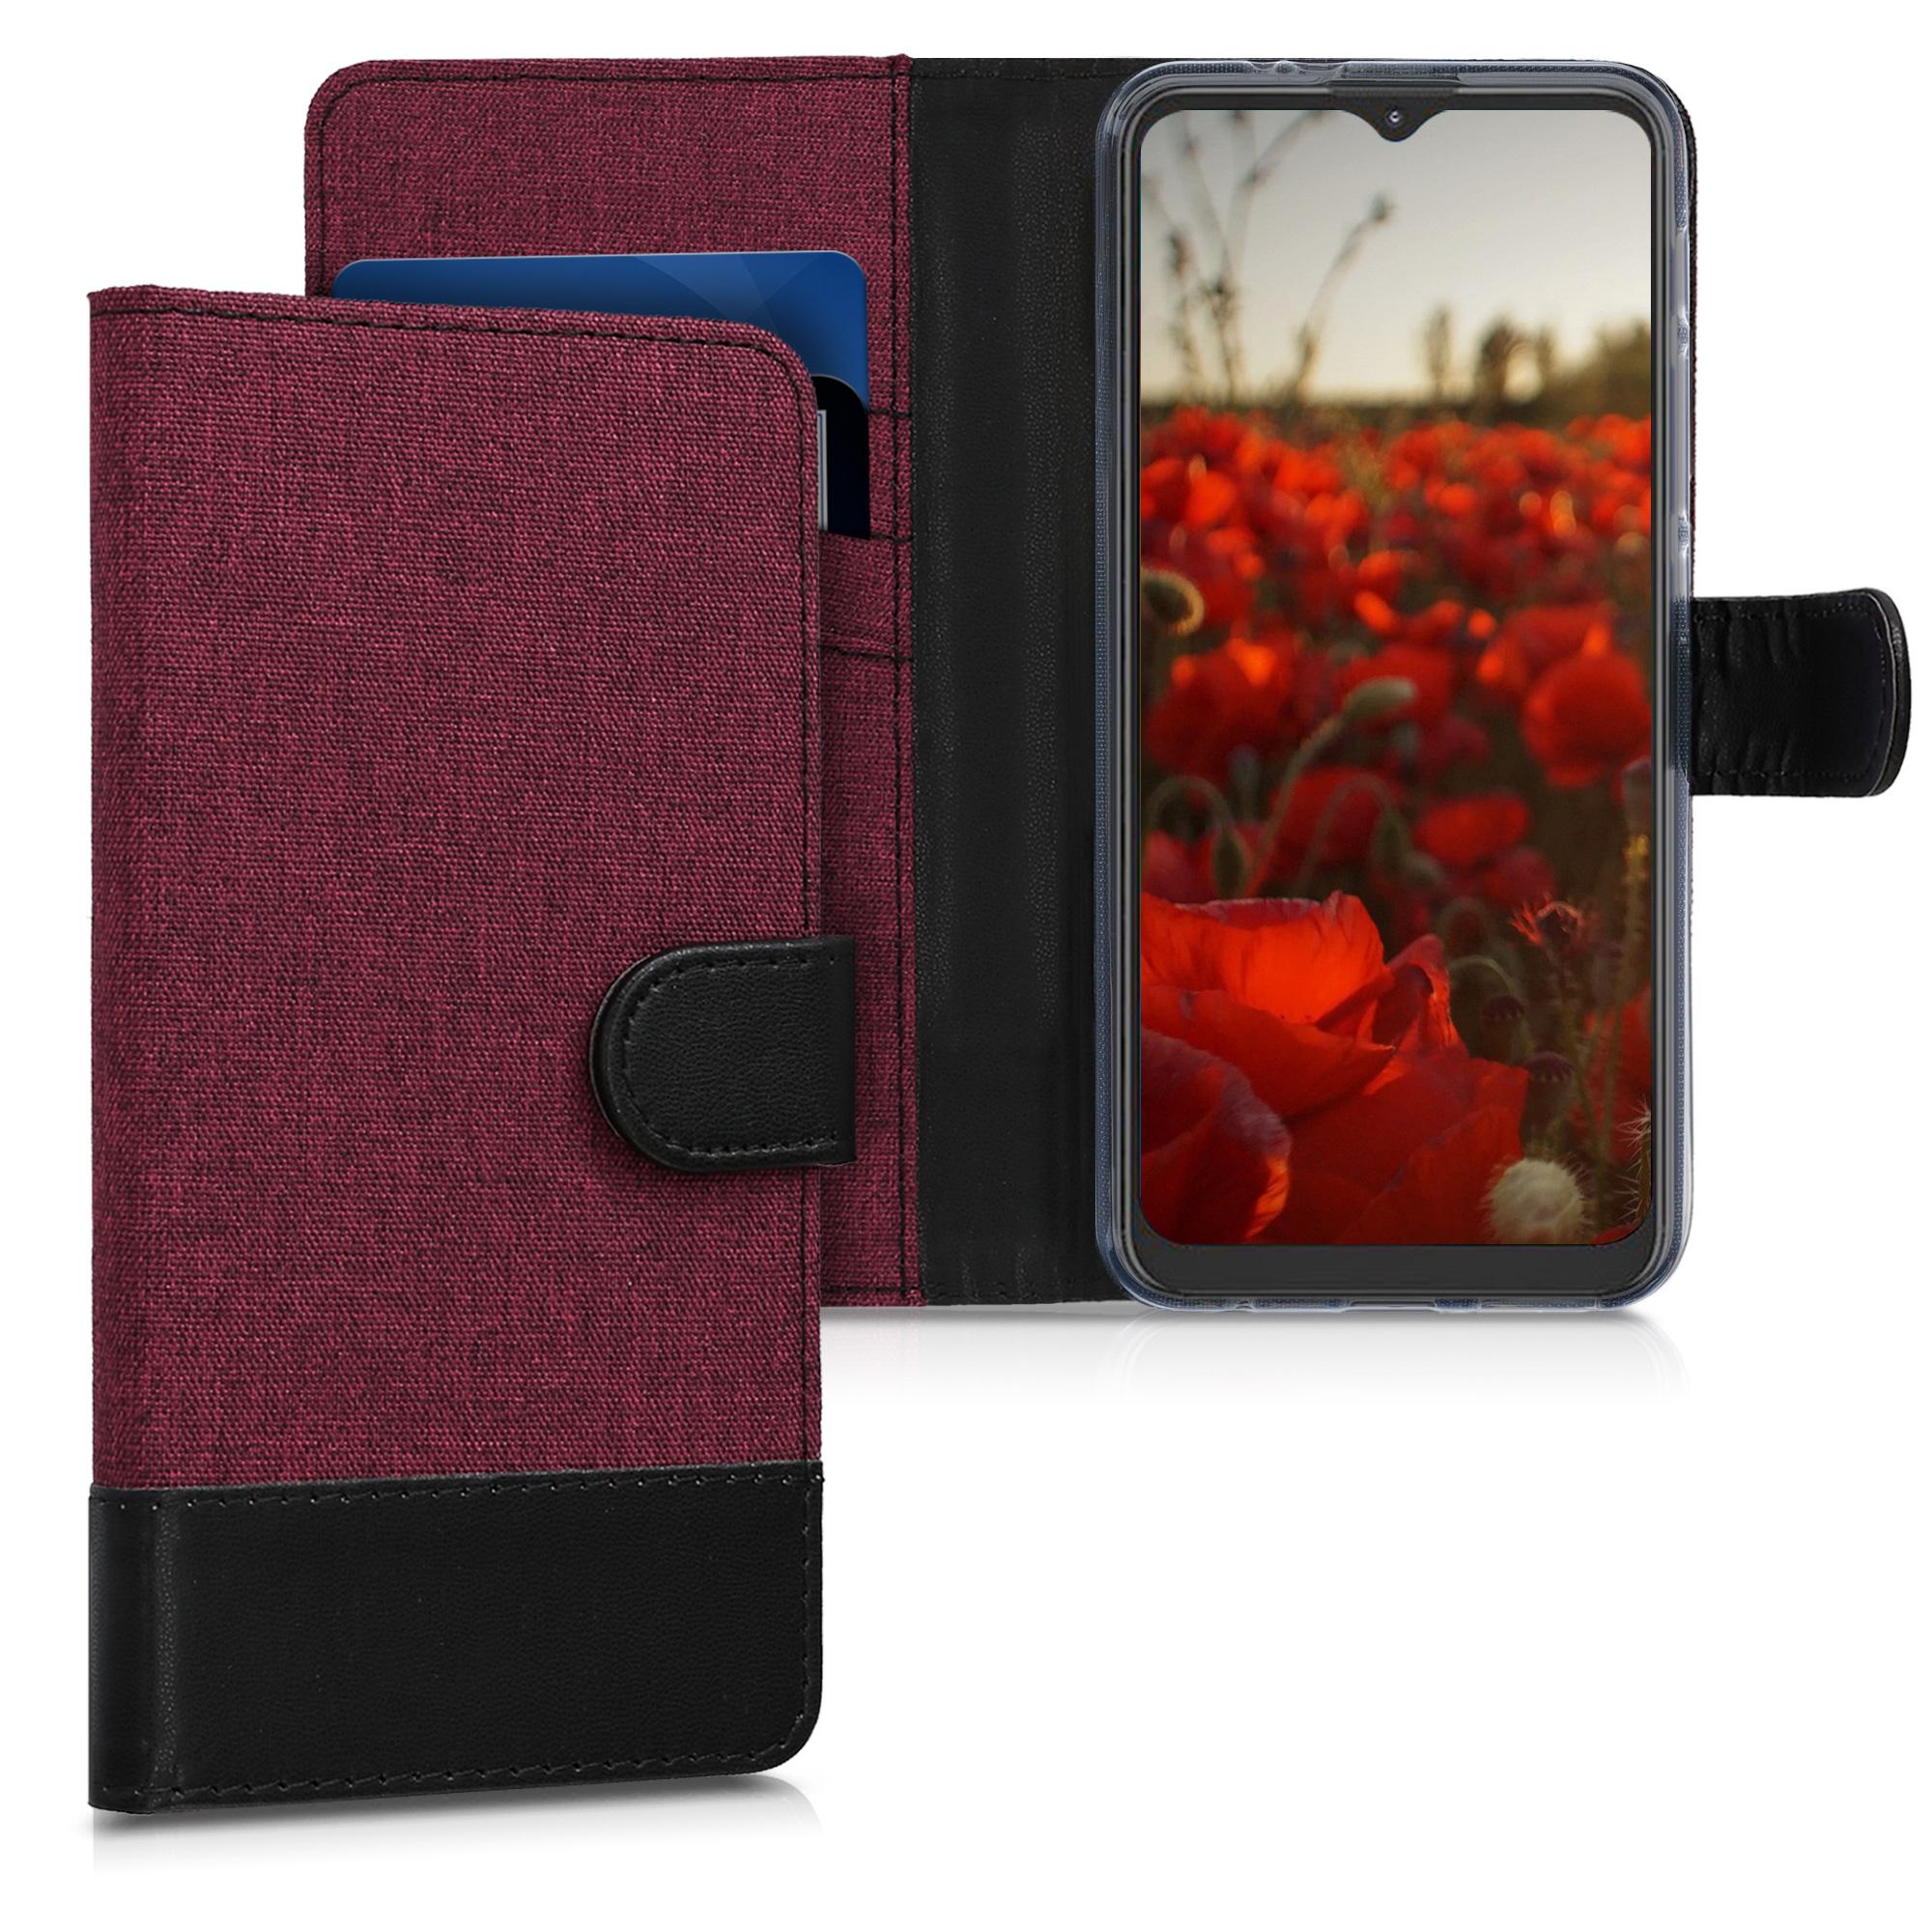 Textilní látkové pouzdro   obal pro Motorola Moto G9 Play / Moto E7 Plus -  Tmavě červená / černá